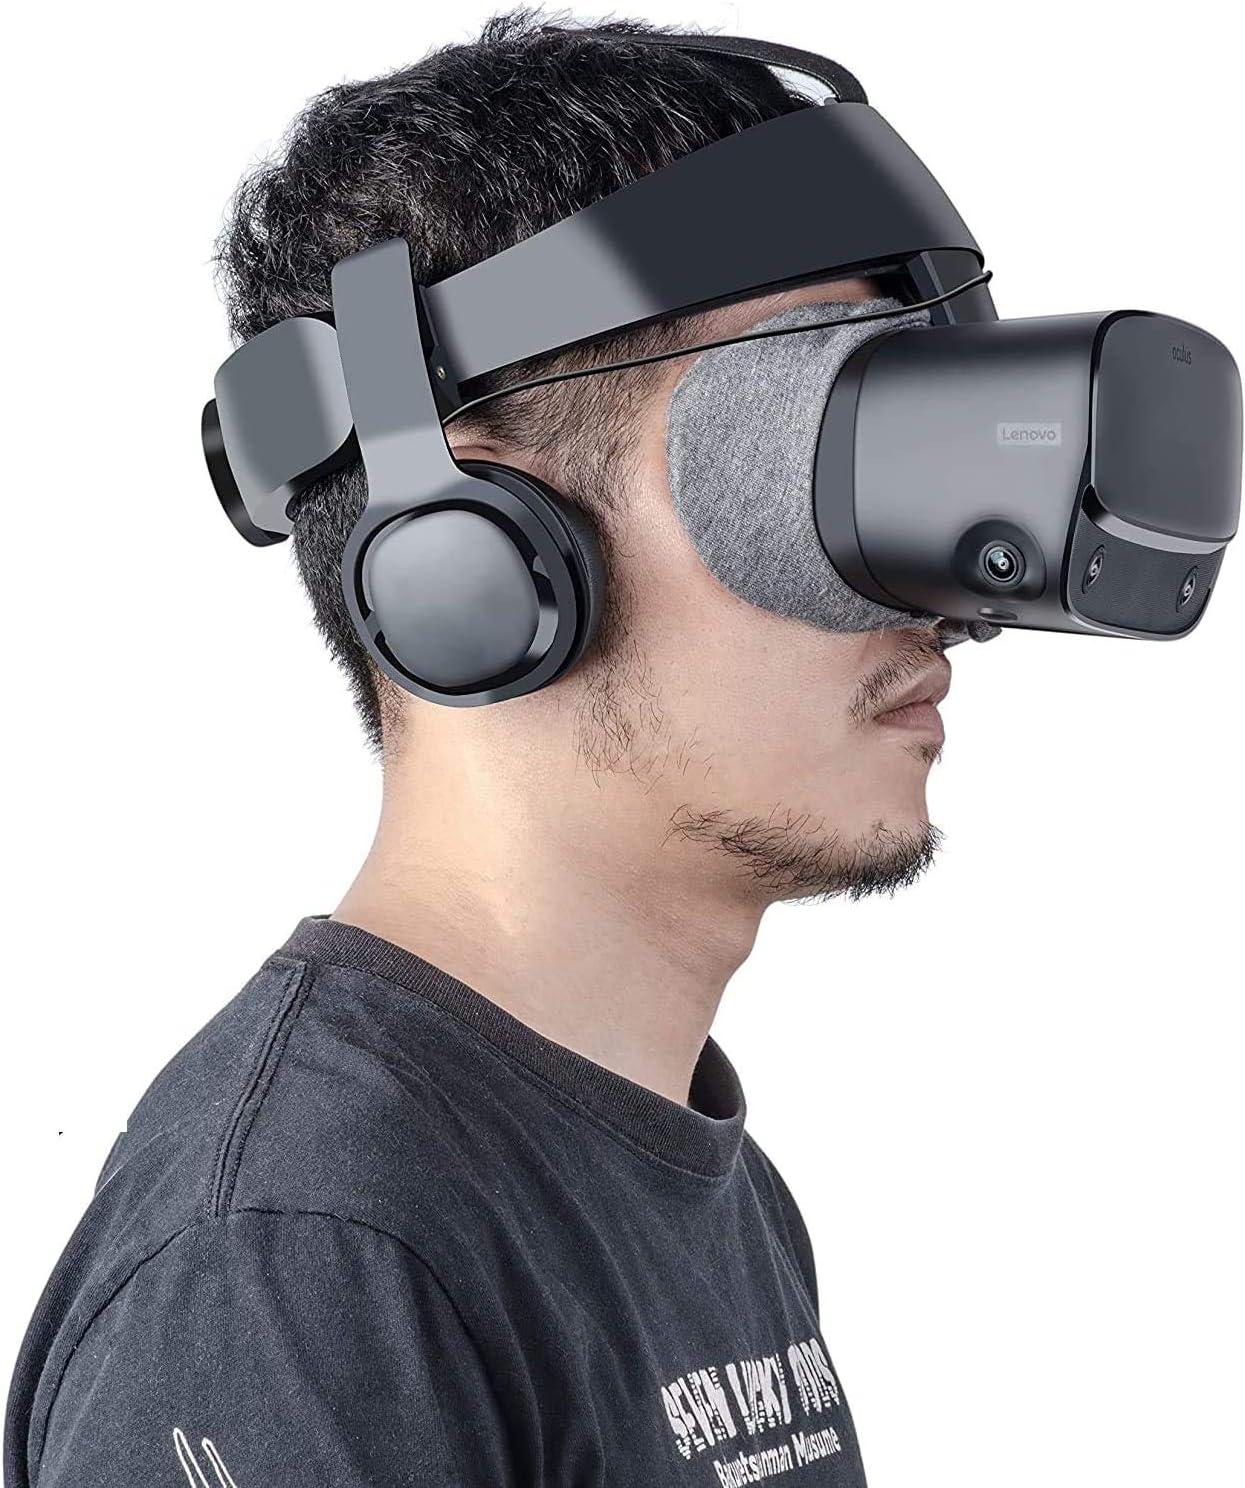 MYJK Stereo VR Headphone/Soundkit Custom Made for Oculus Rift S VR Headset-1 Pair (2021 New Version)